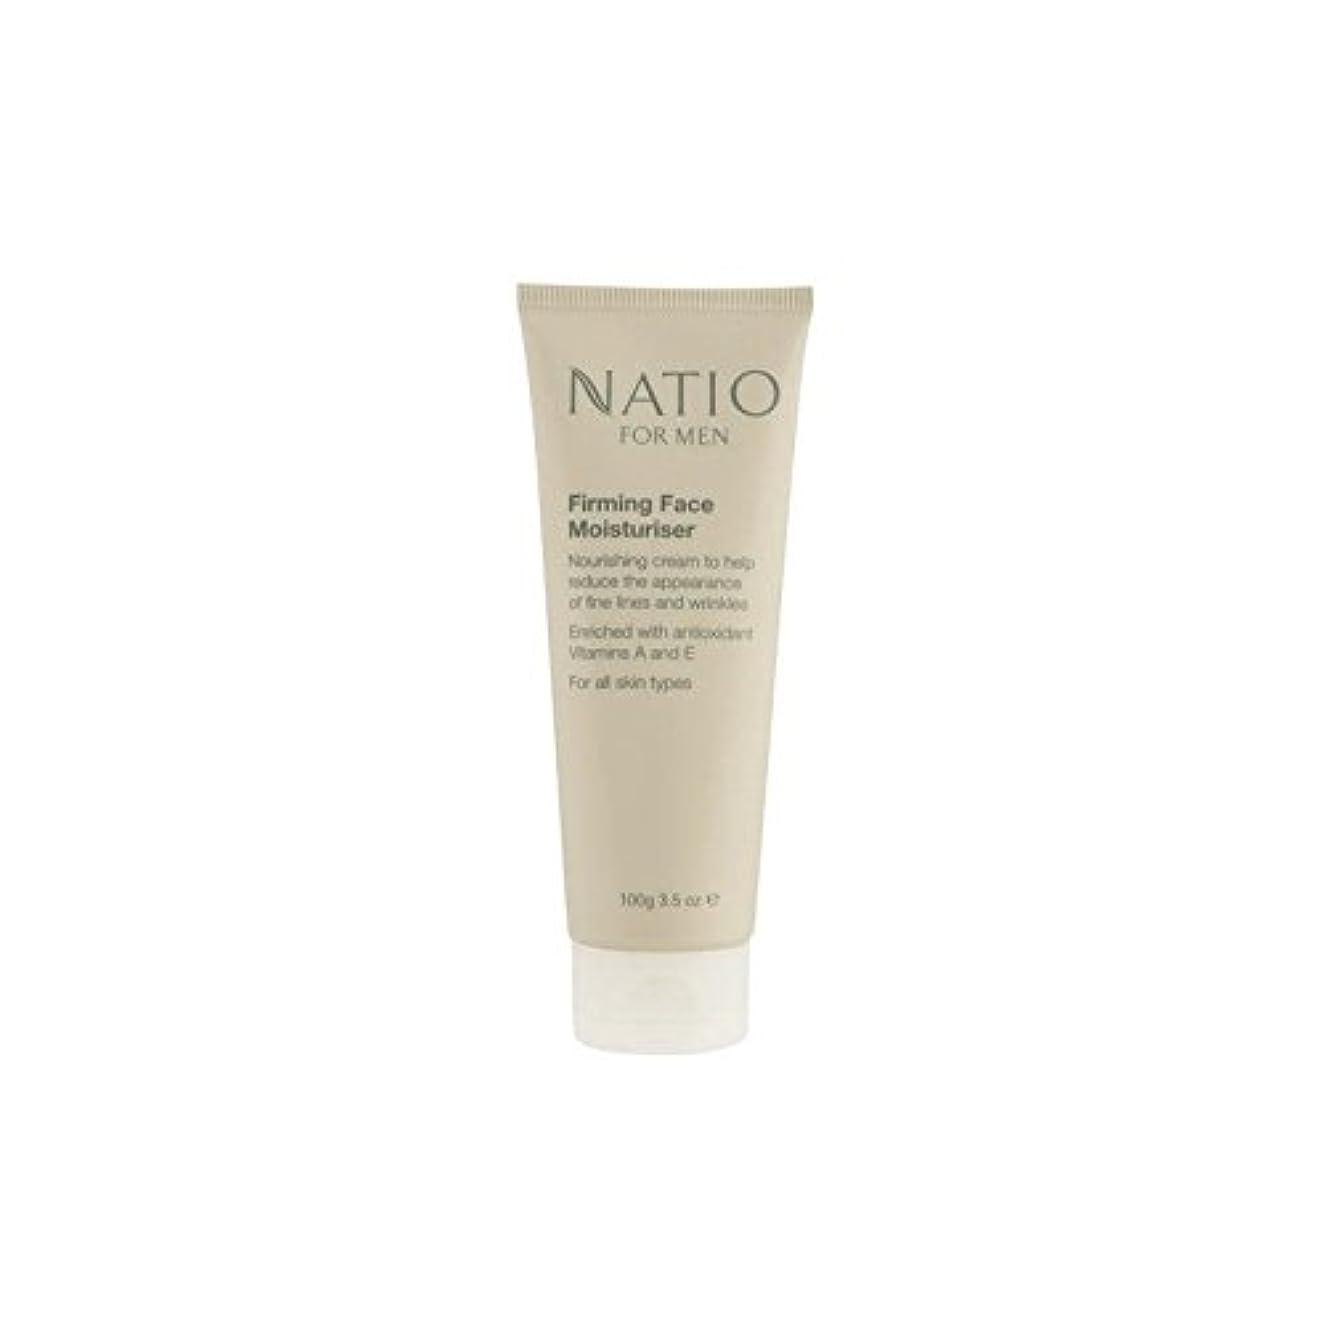 どういたしましてペルーケイ素顔の保湿剤を引き締め男性のための(100グラム) x4 - Natio For Men Firming Face Moisturiser (100G) (Pack of 4) [並行輸入品]